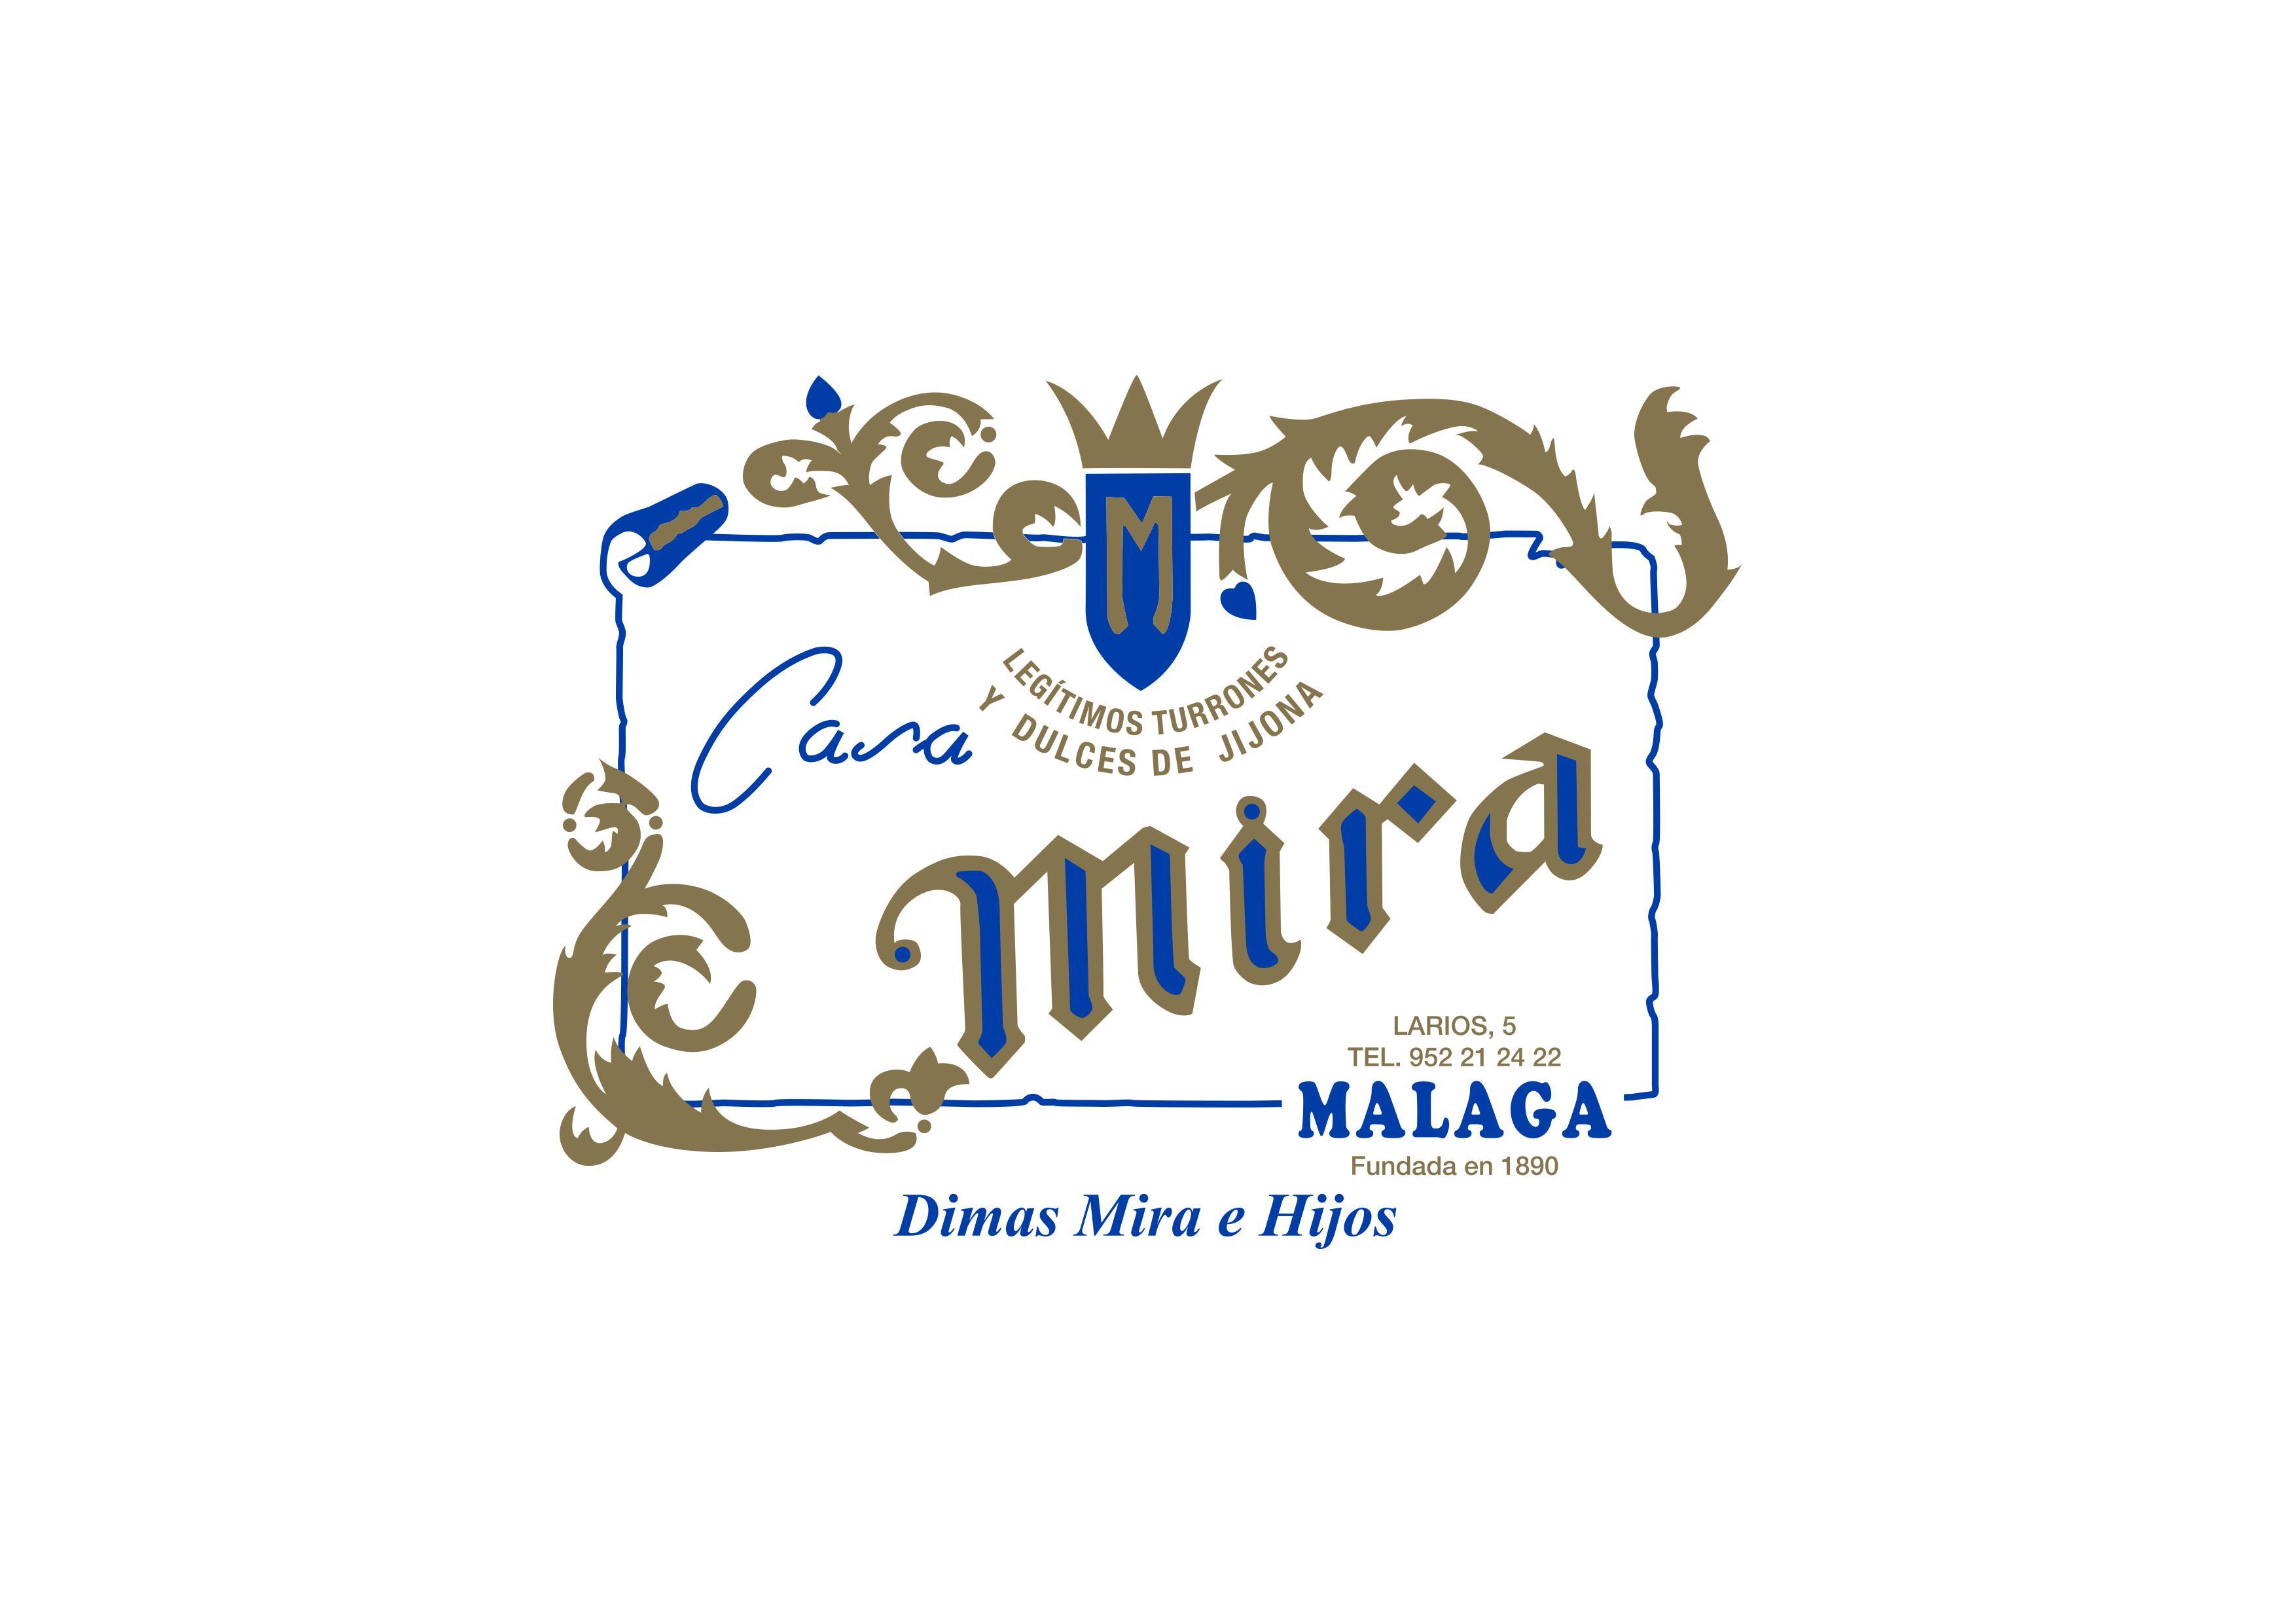 Casa Mira Dimas Mira e Hijos